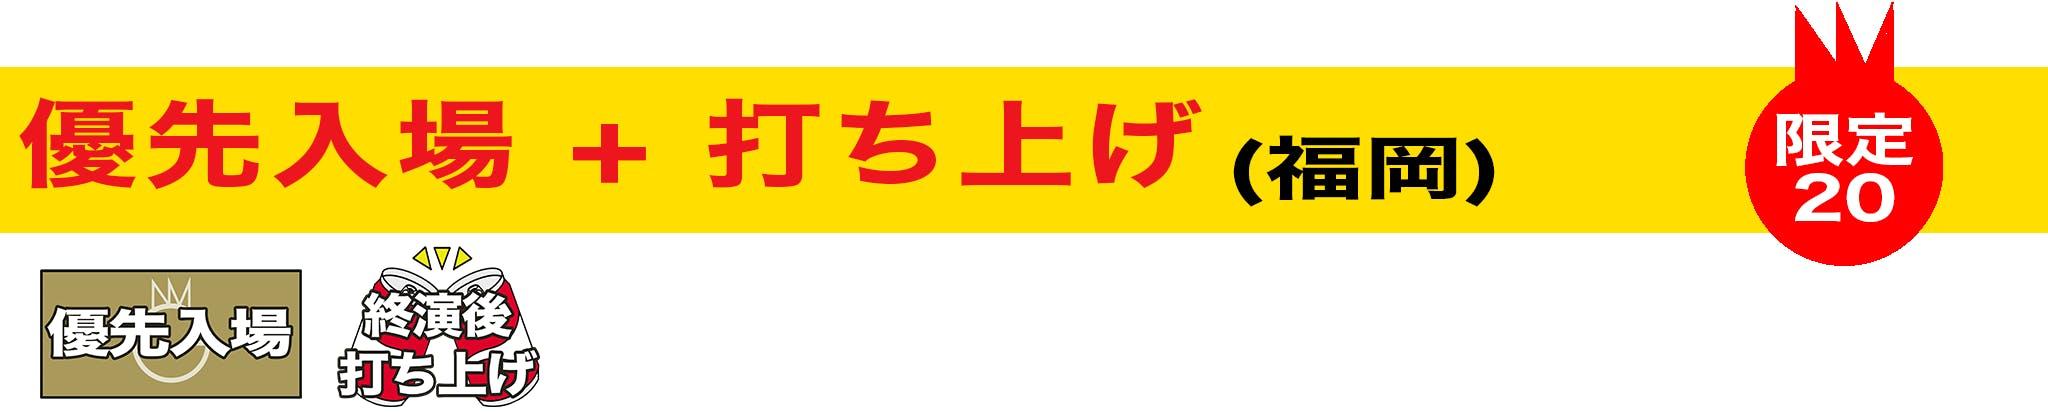 クラファン リターン優先入場 打ち上げ 福岡